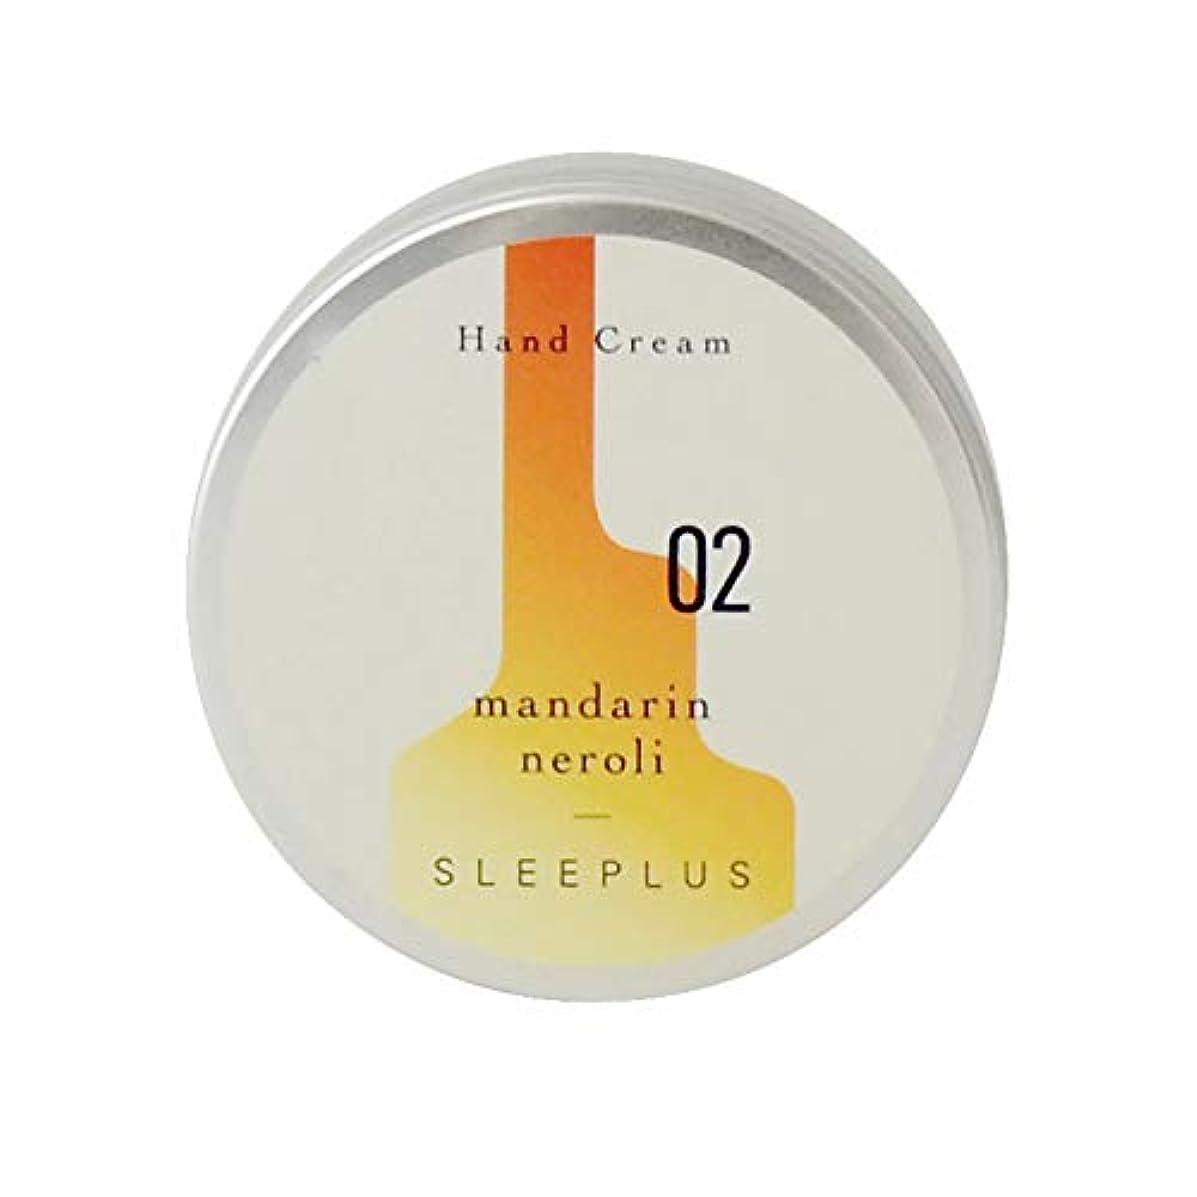 アーチ考え栄養Heavenly Aroom ハンドクリーム SLEEPLUS 02 マンダリンネロリ 75g